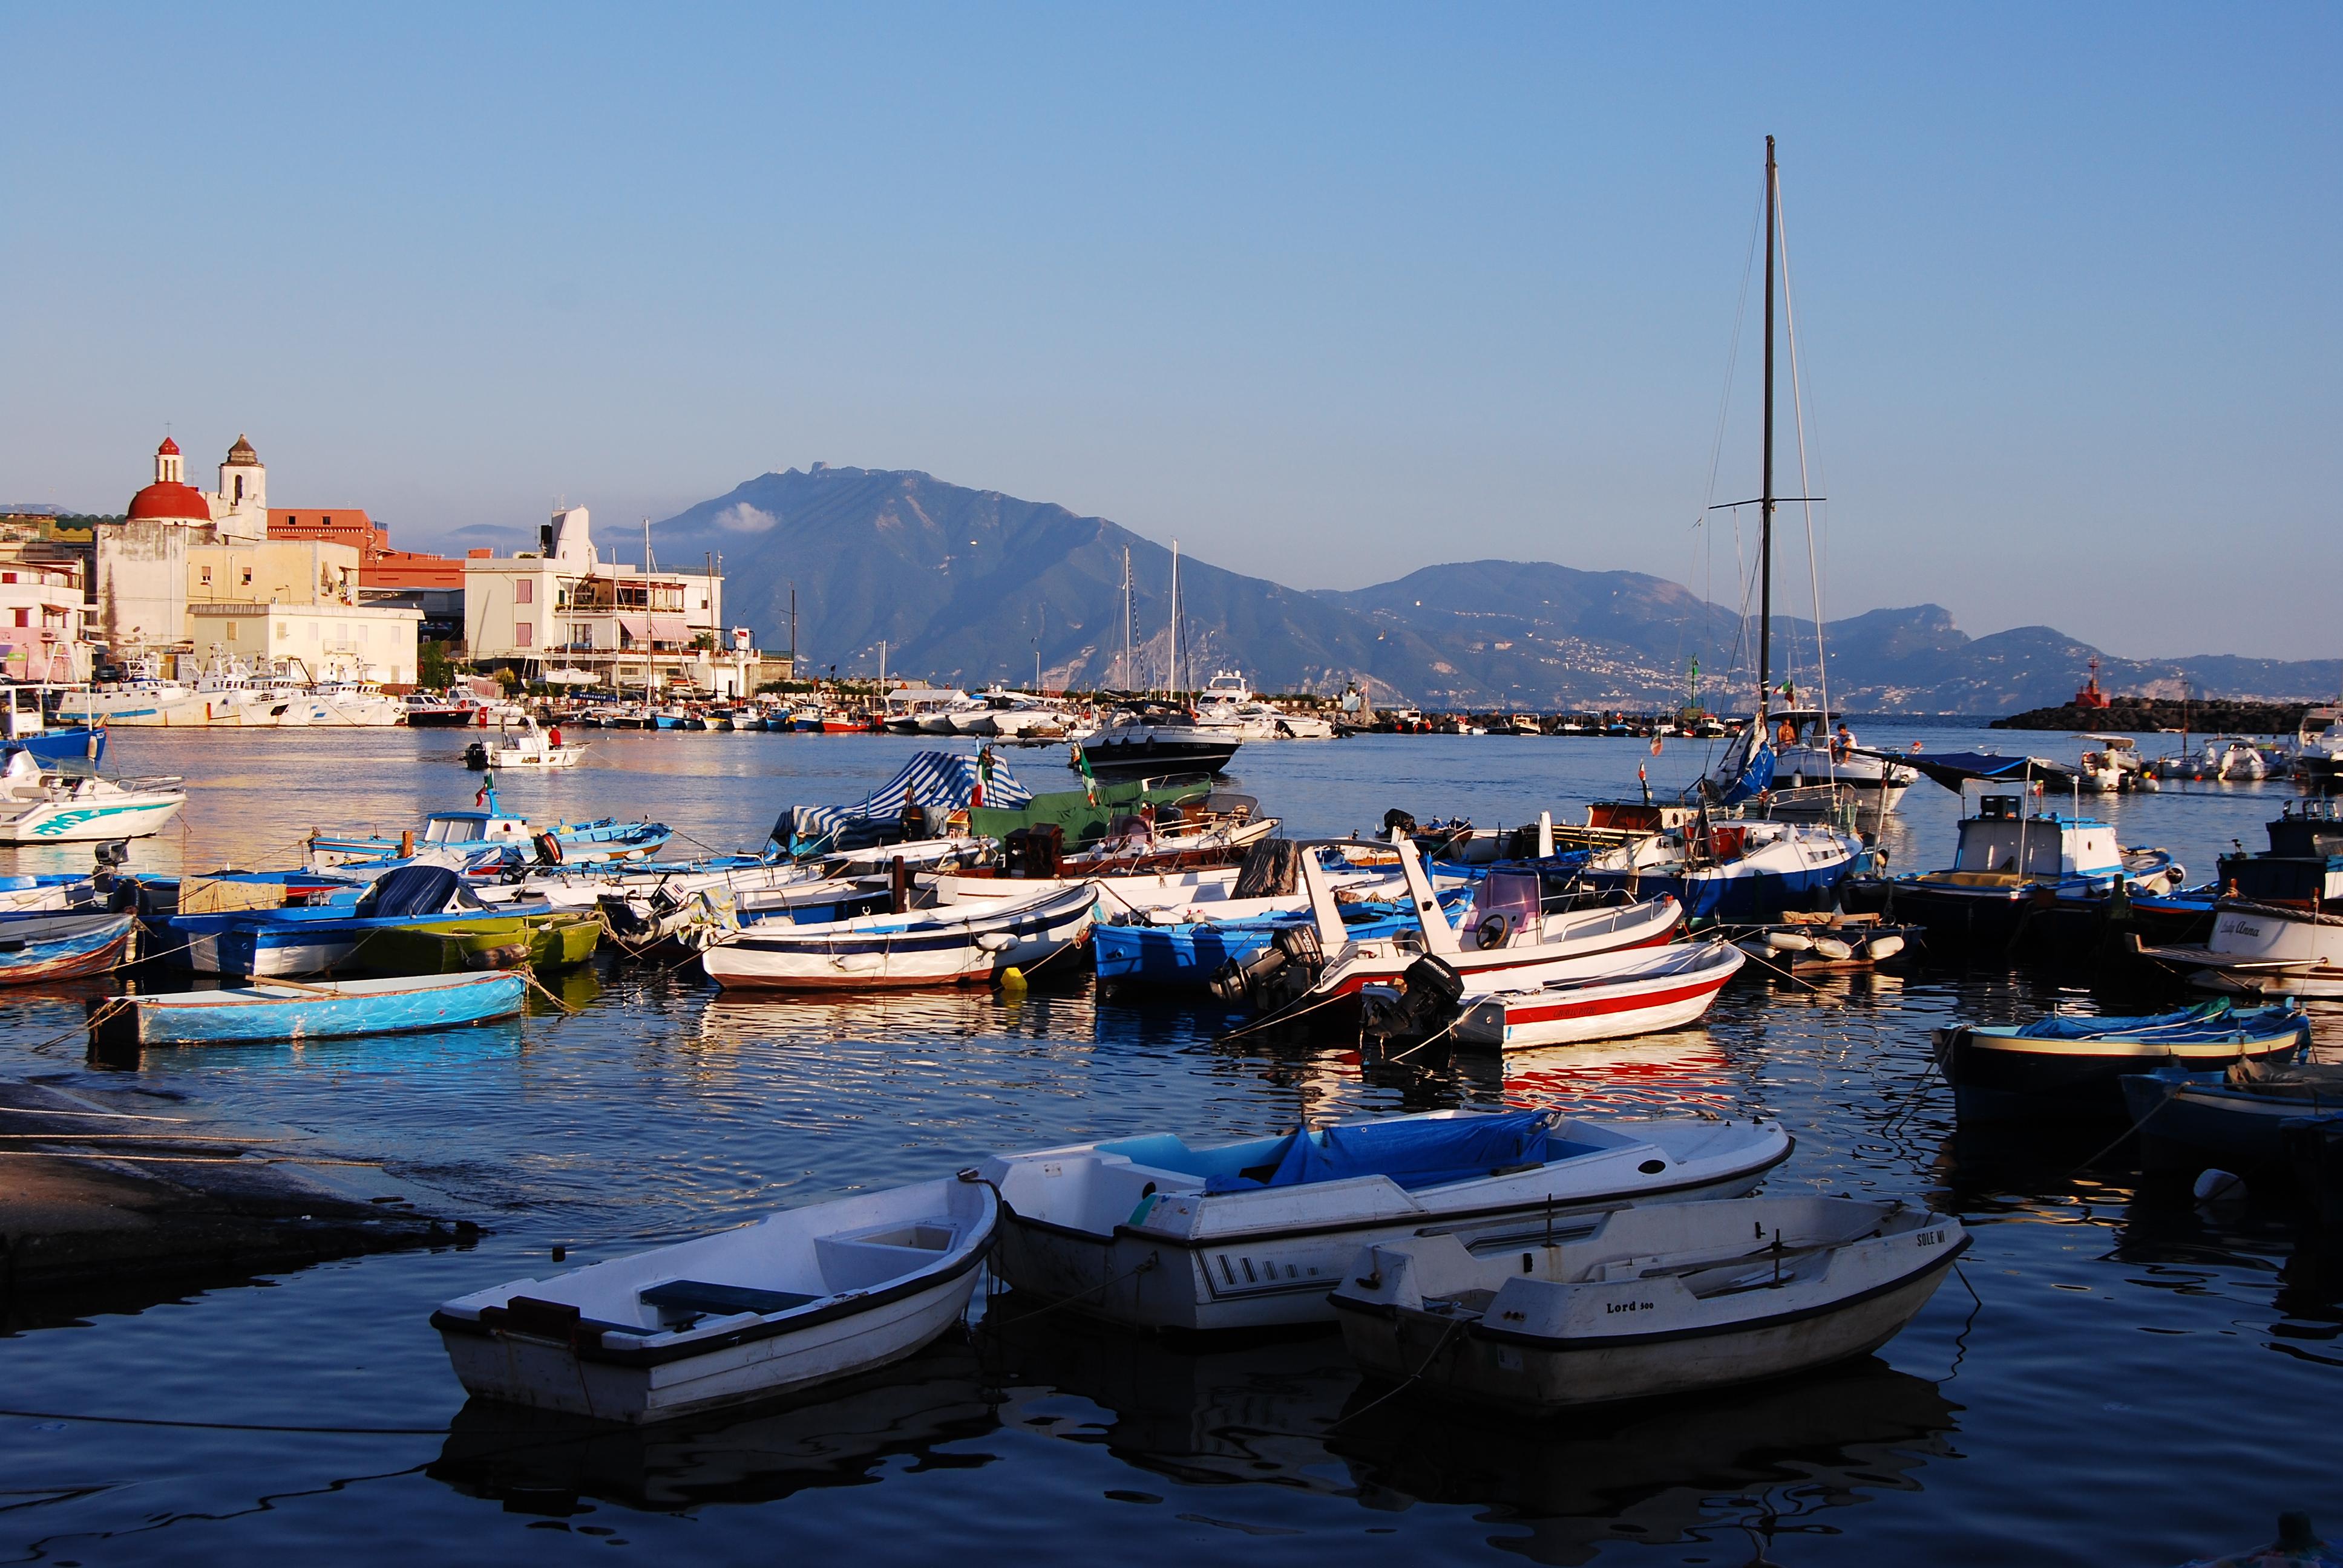 65enne muore in mare: tragedia a Torre del Greco